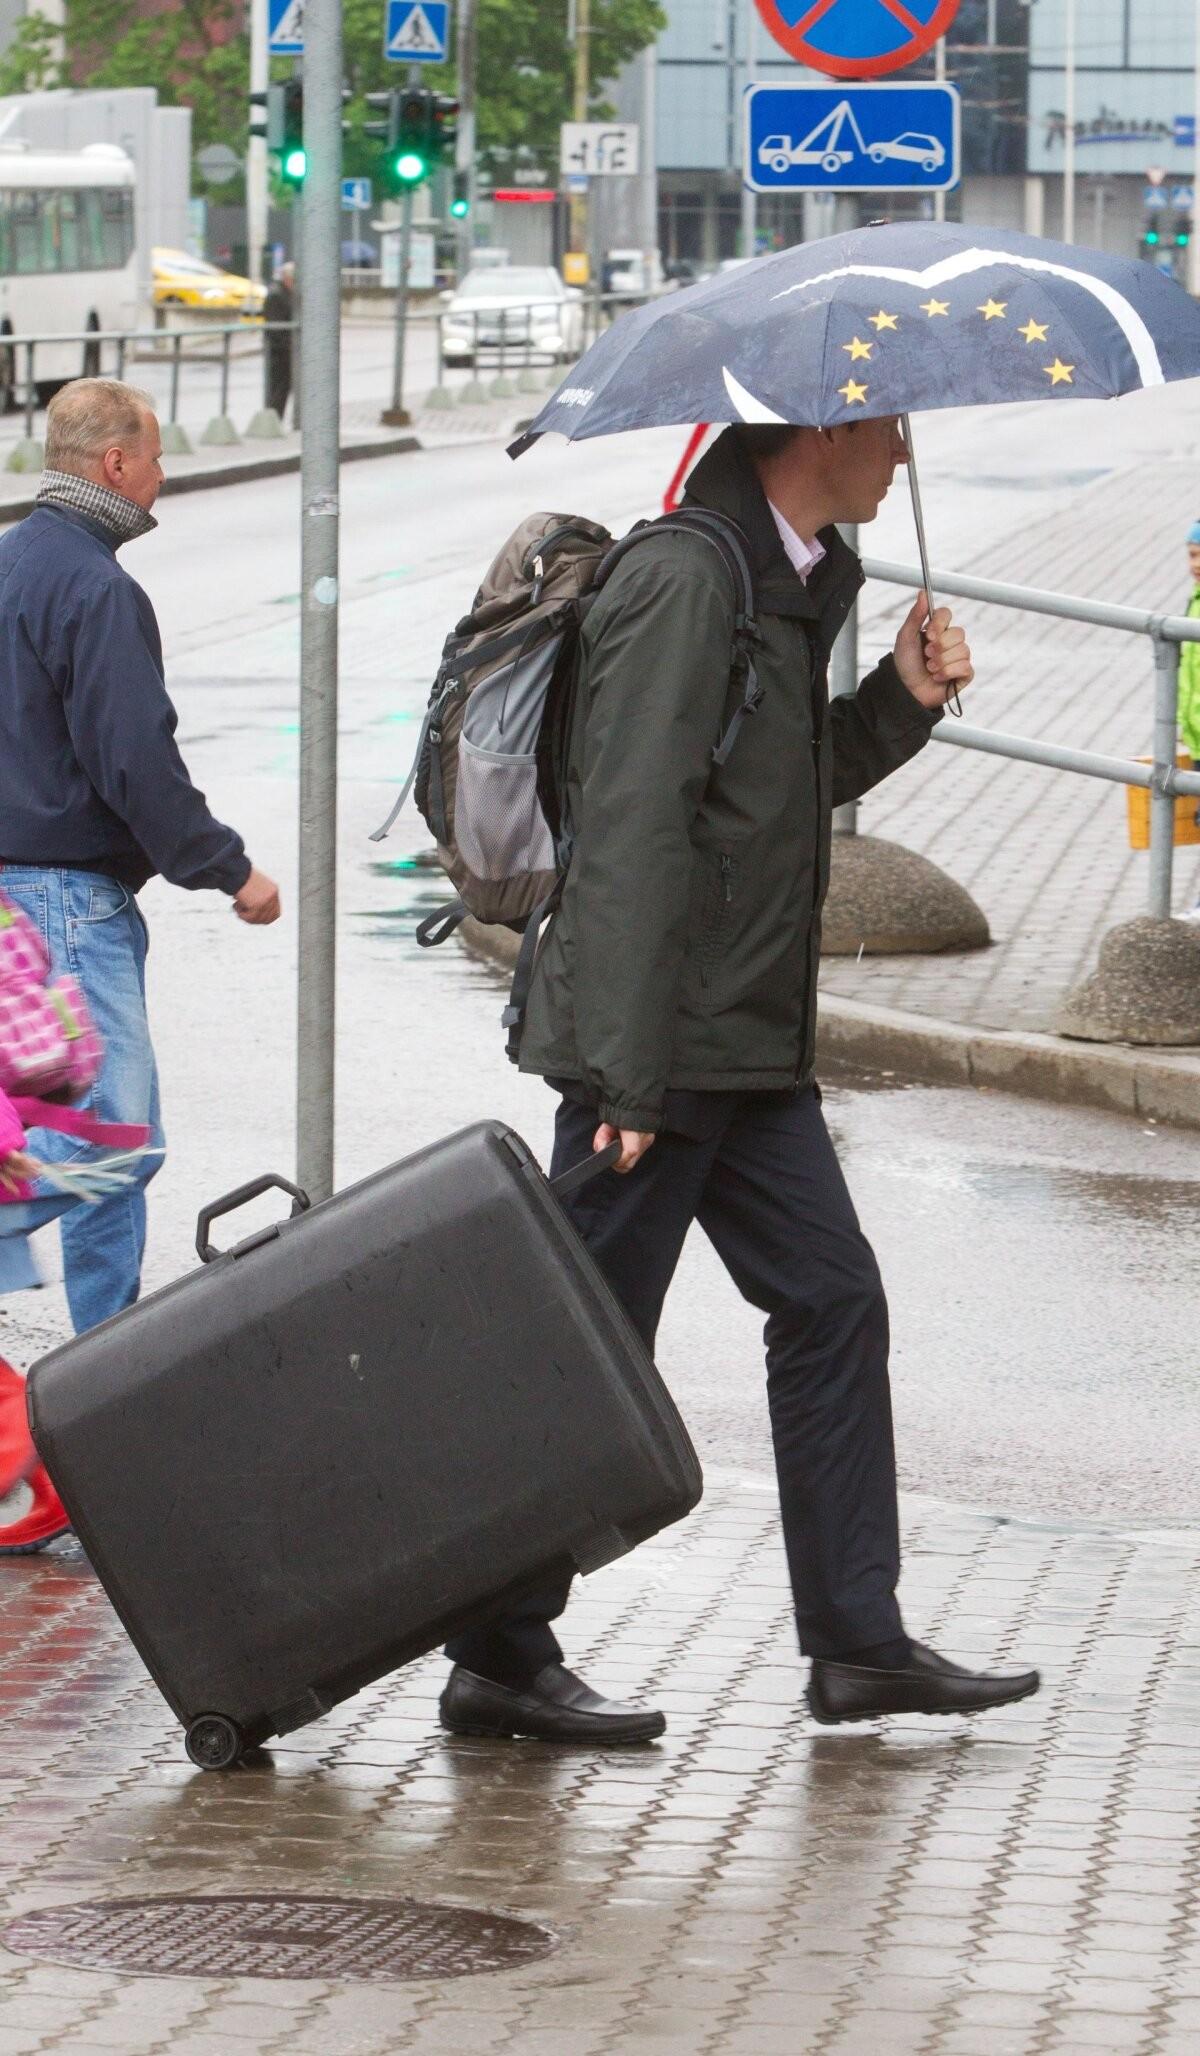 Eestit külastanud välisturistide arv langes tagasi 20 aasta tagusesse aega